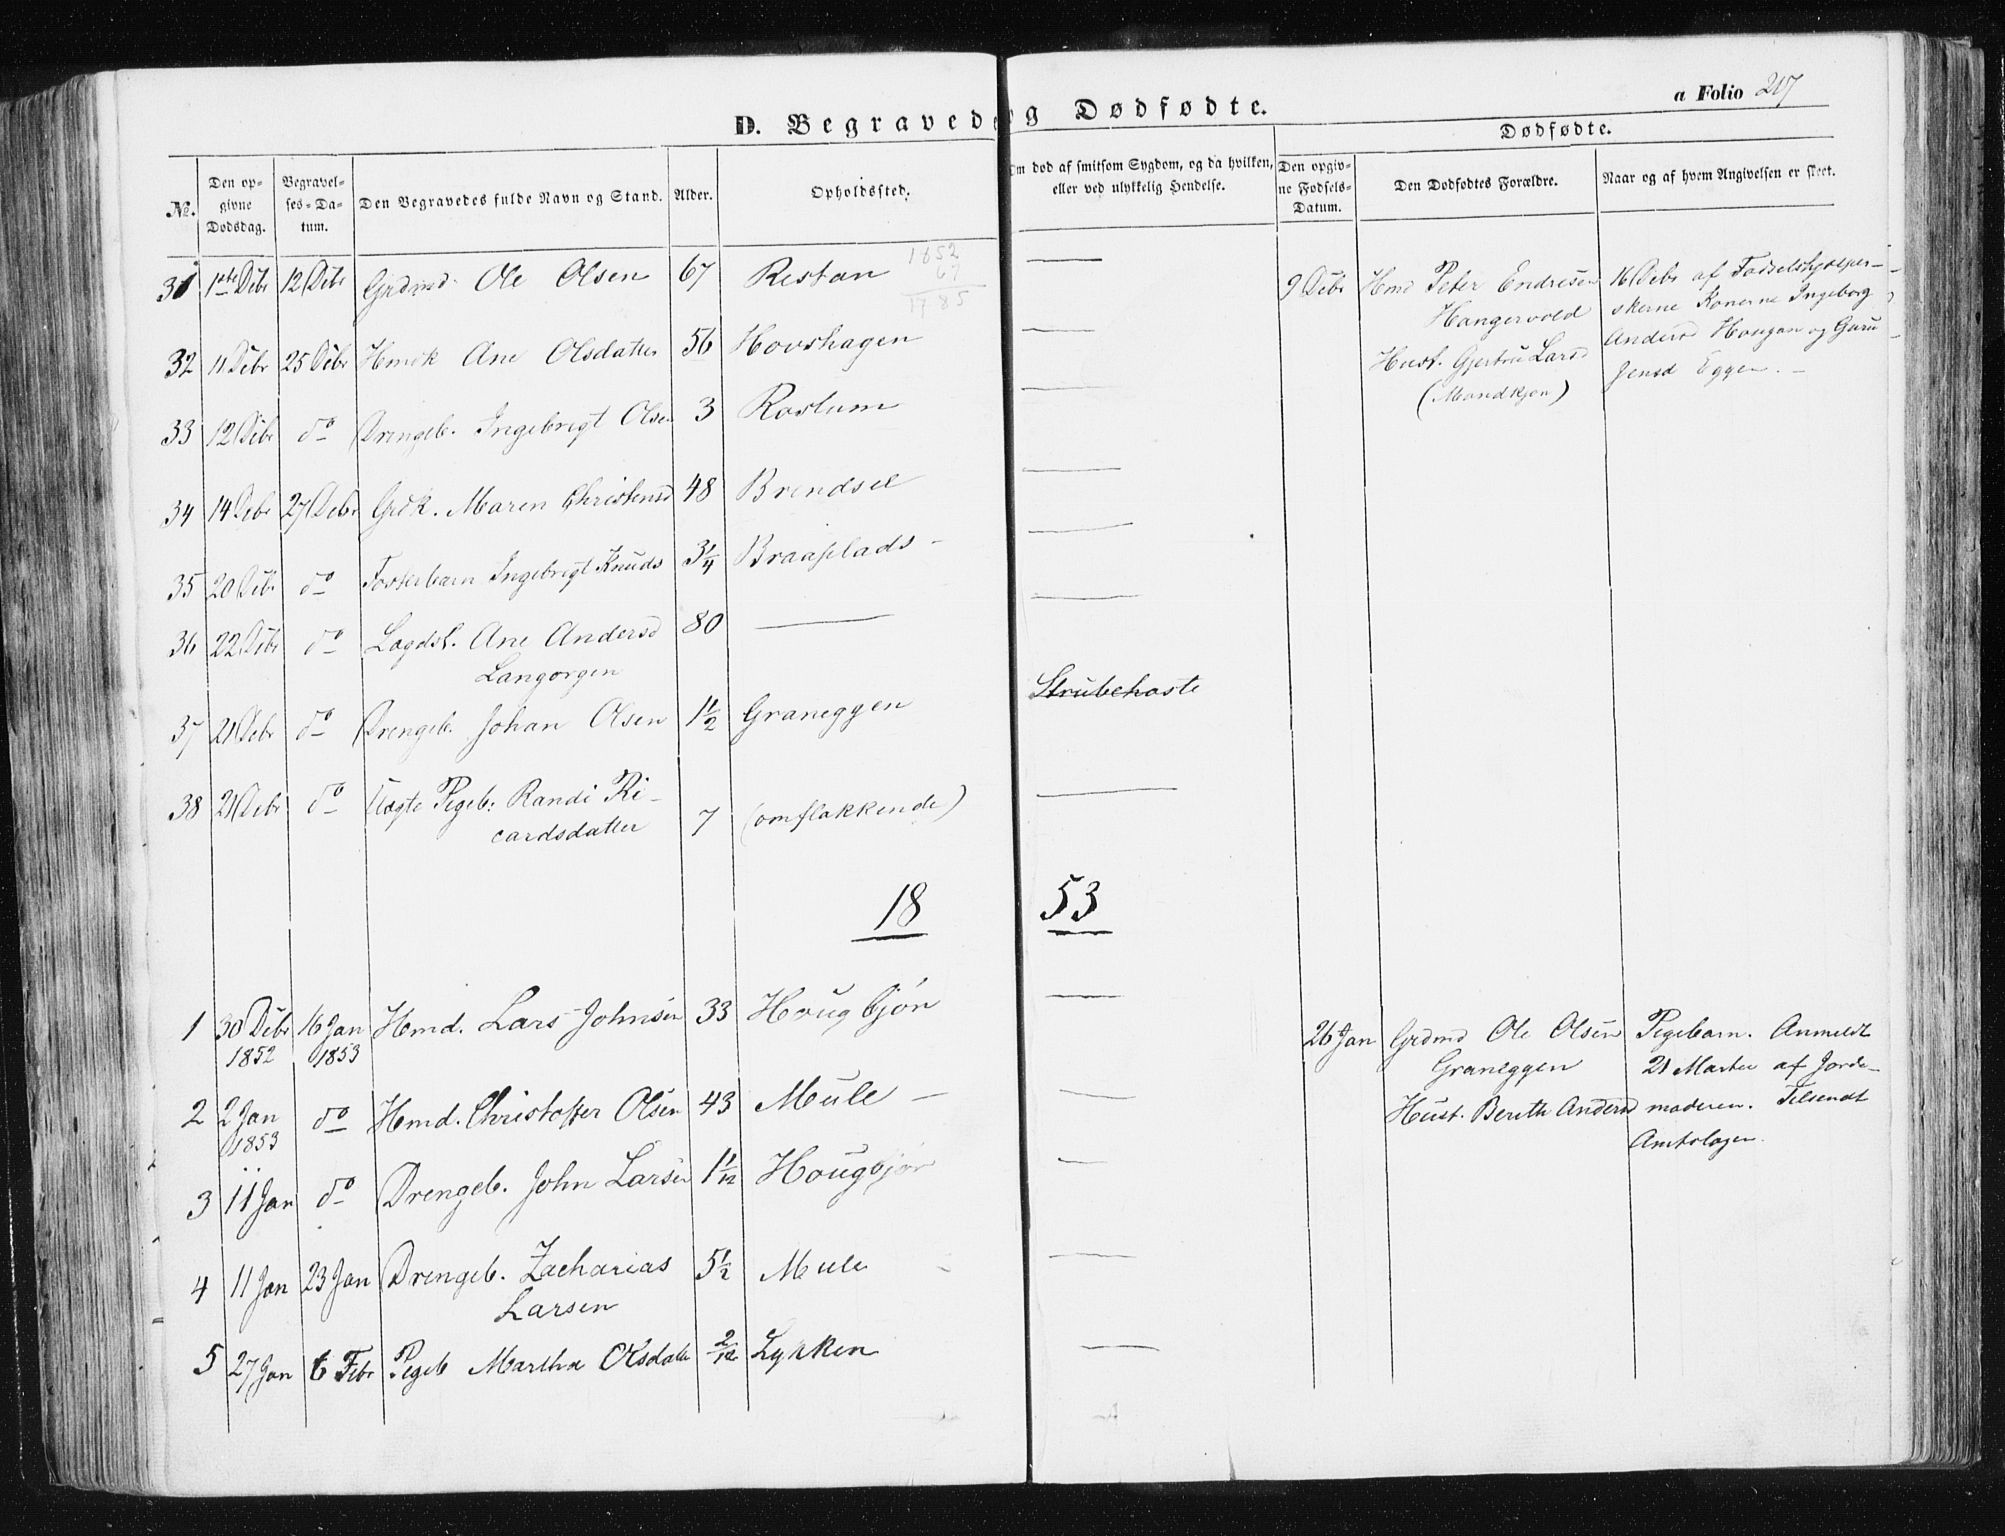 SAT, Ministerialprotokoller, klokkerbøker og fødselsregistre - Sør-Trøndelag, 612/L0376: Ministerialbok nr. 612A08, 1846-1859, s. 217